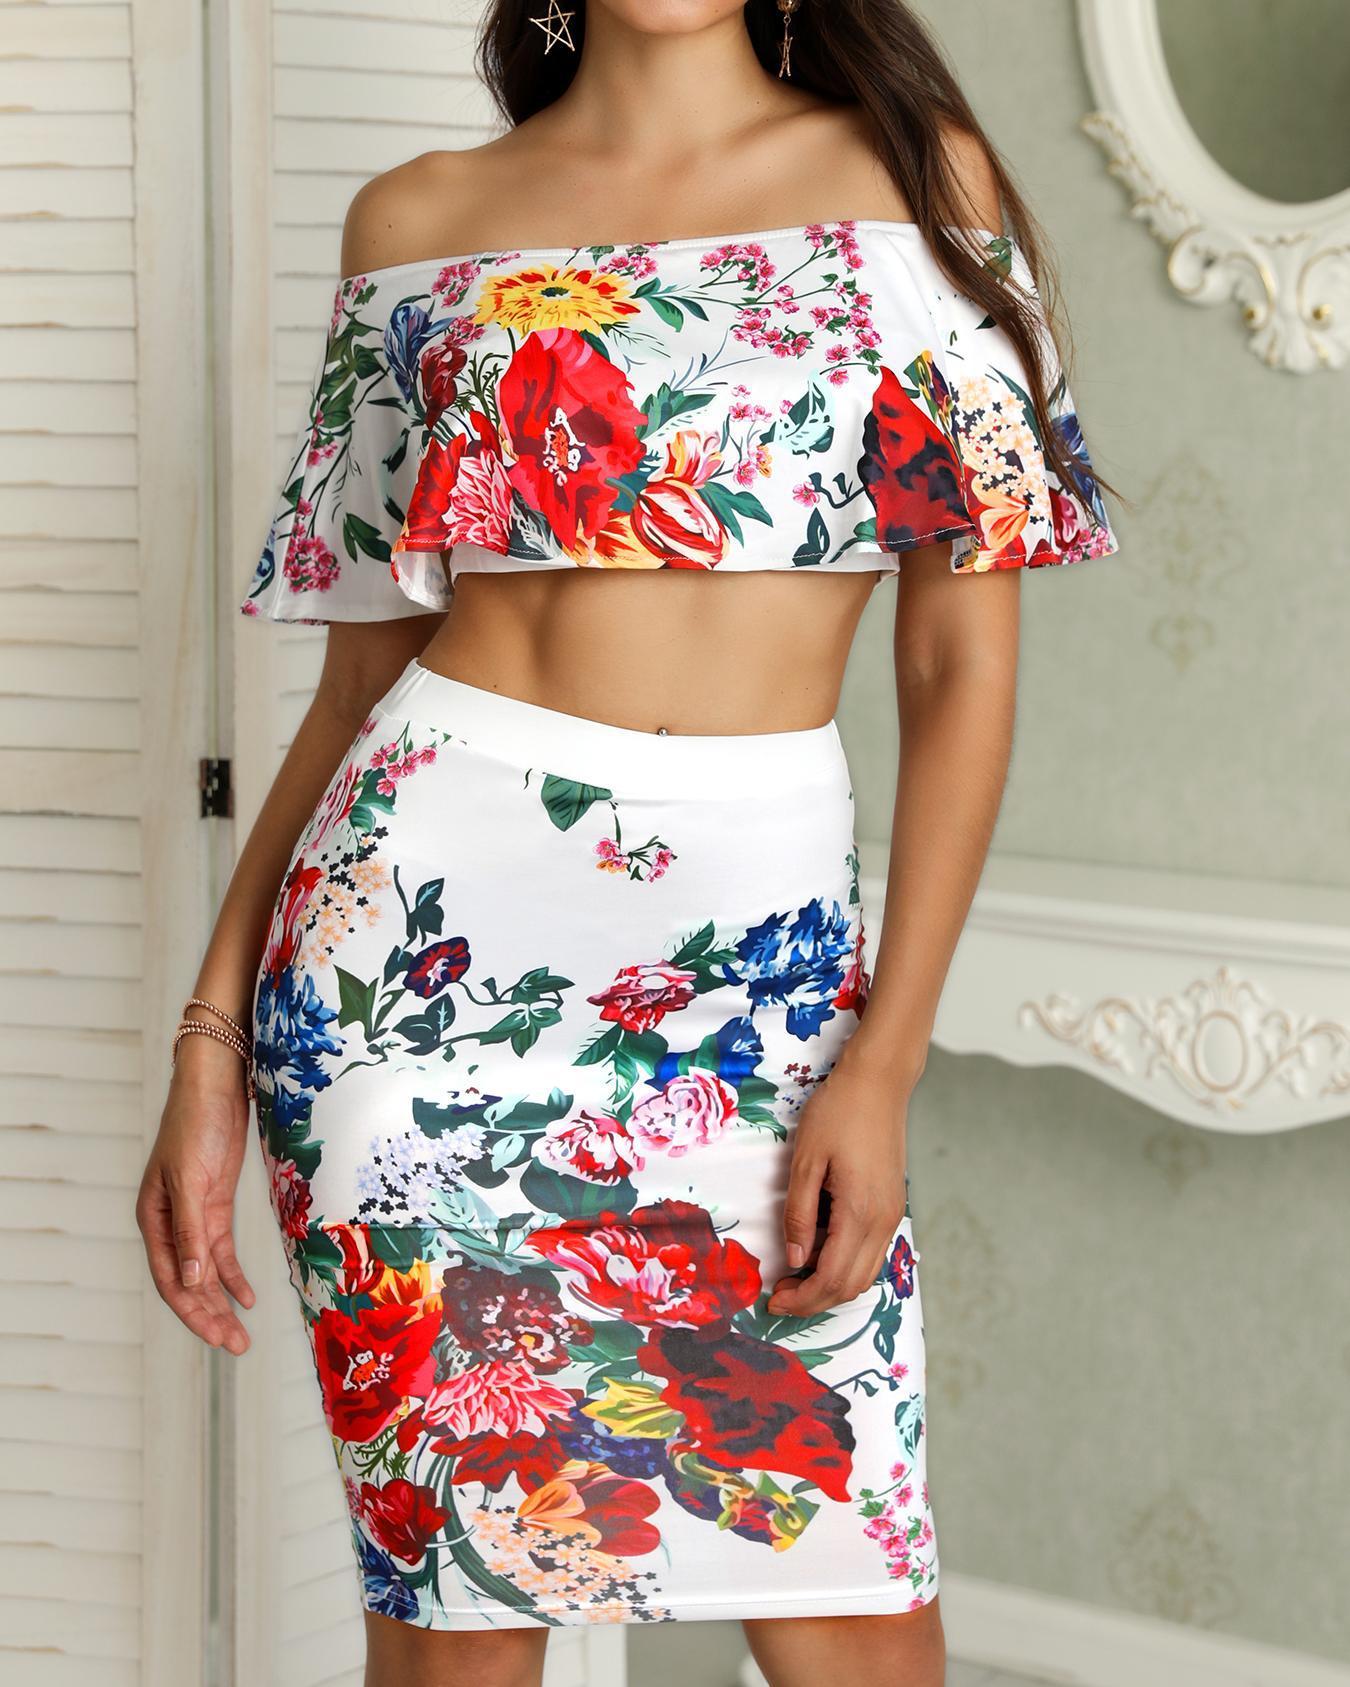 boutiquefeel / Impressão Floral Off Shoulder Cropped Top & Skirt Set